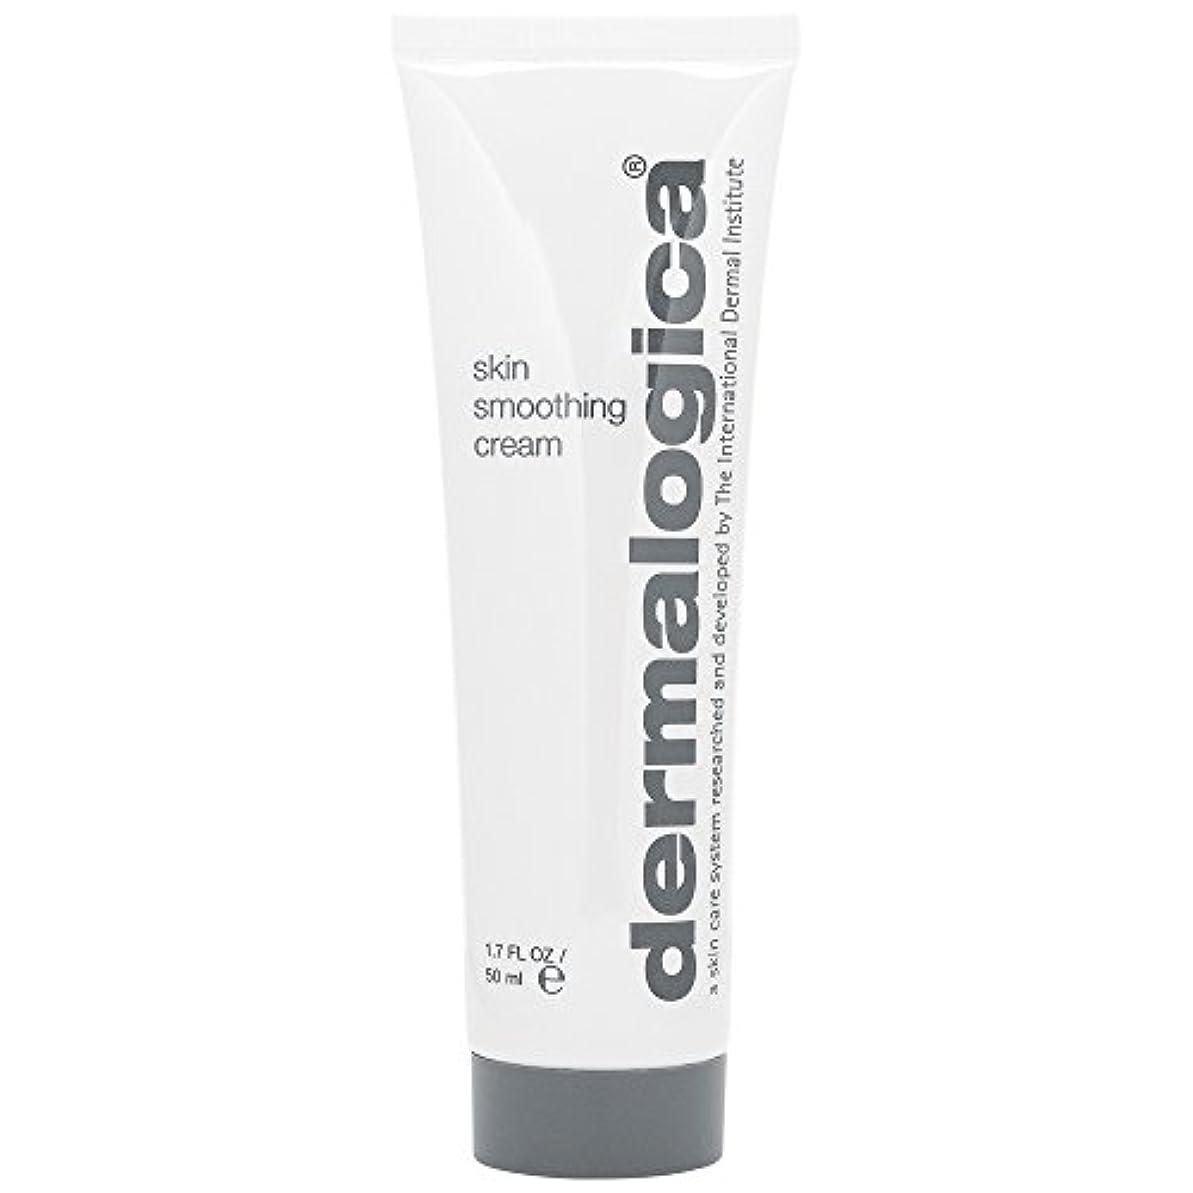 赤人形ペチコートダーマロジカスキンスムージングクリーム50ミリリットル (Dermalogica) (x2) - Dermalogica Skin Smoothing Cream 50ml (Pack of 2) [並行輸入品]